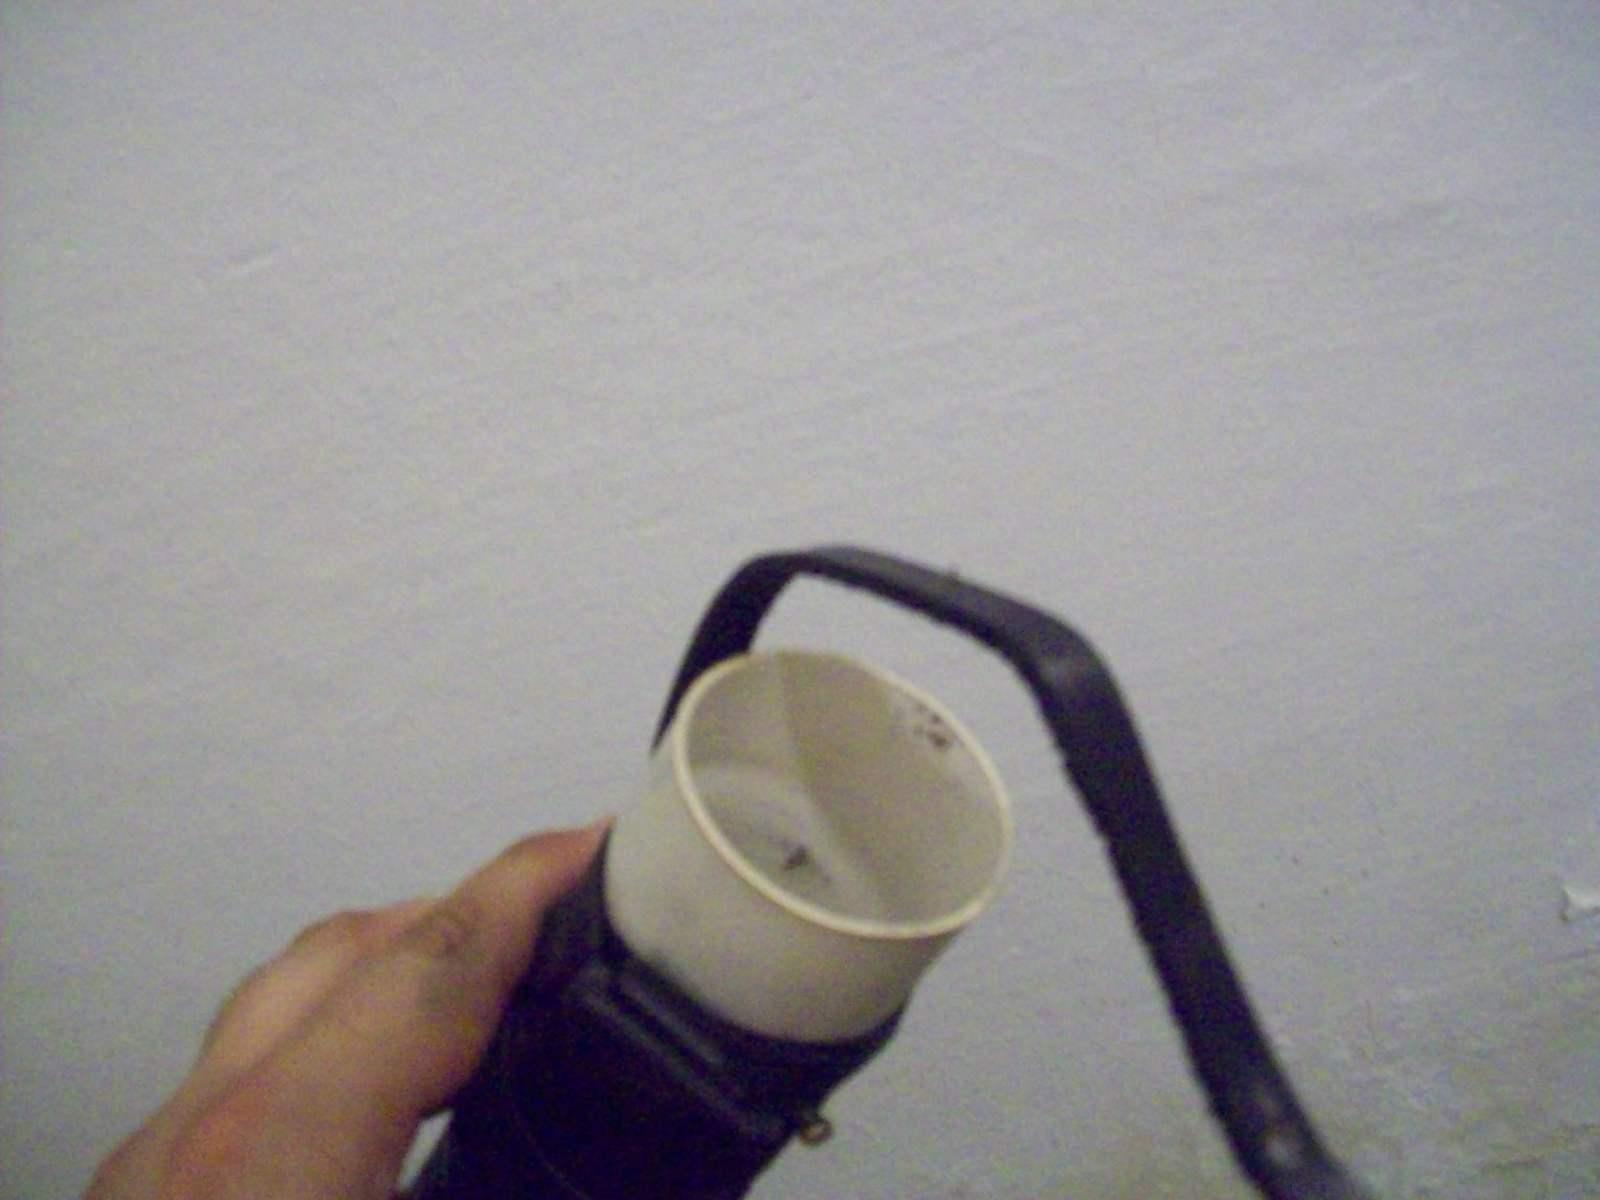 Aprovechando caños de PVC 16gdhdw